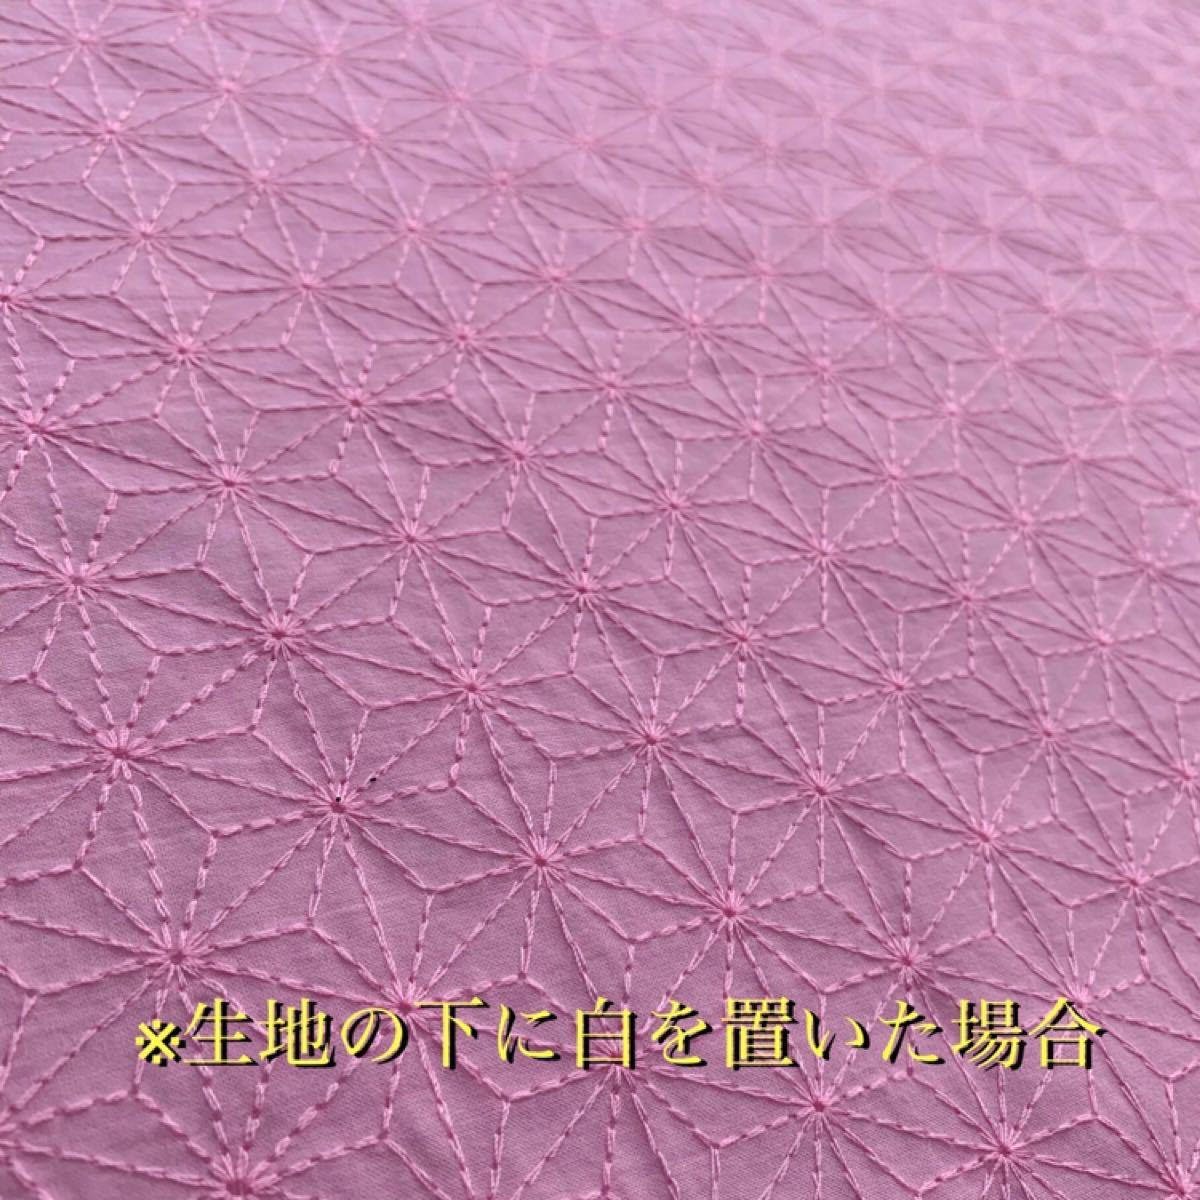 コットンレース 綿 刺繍生地 はぎれ 和柄 麻の葉 鬼滅の刃 ハンドメイド 布